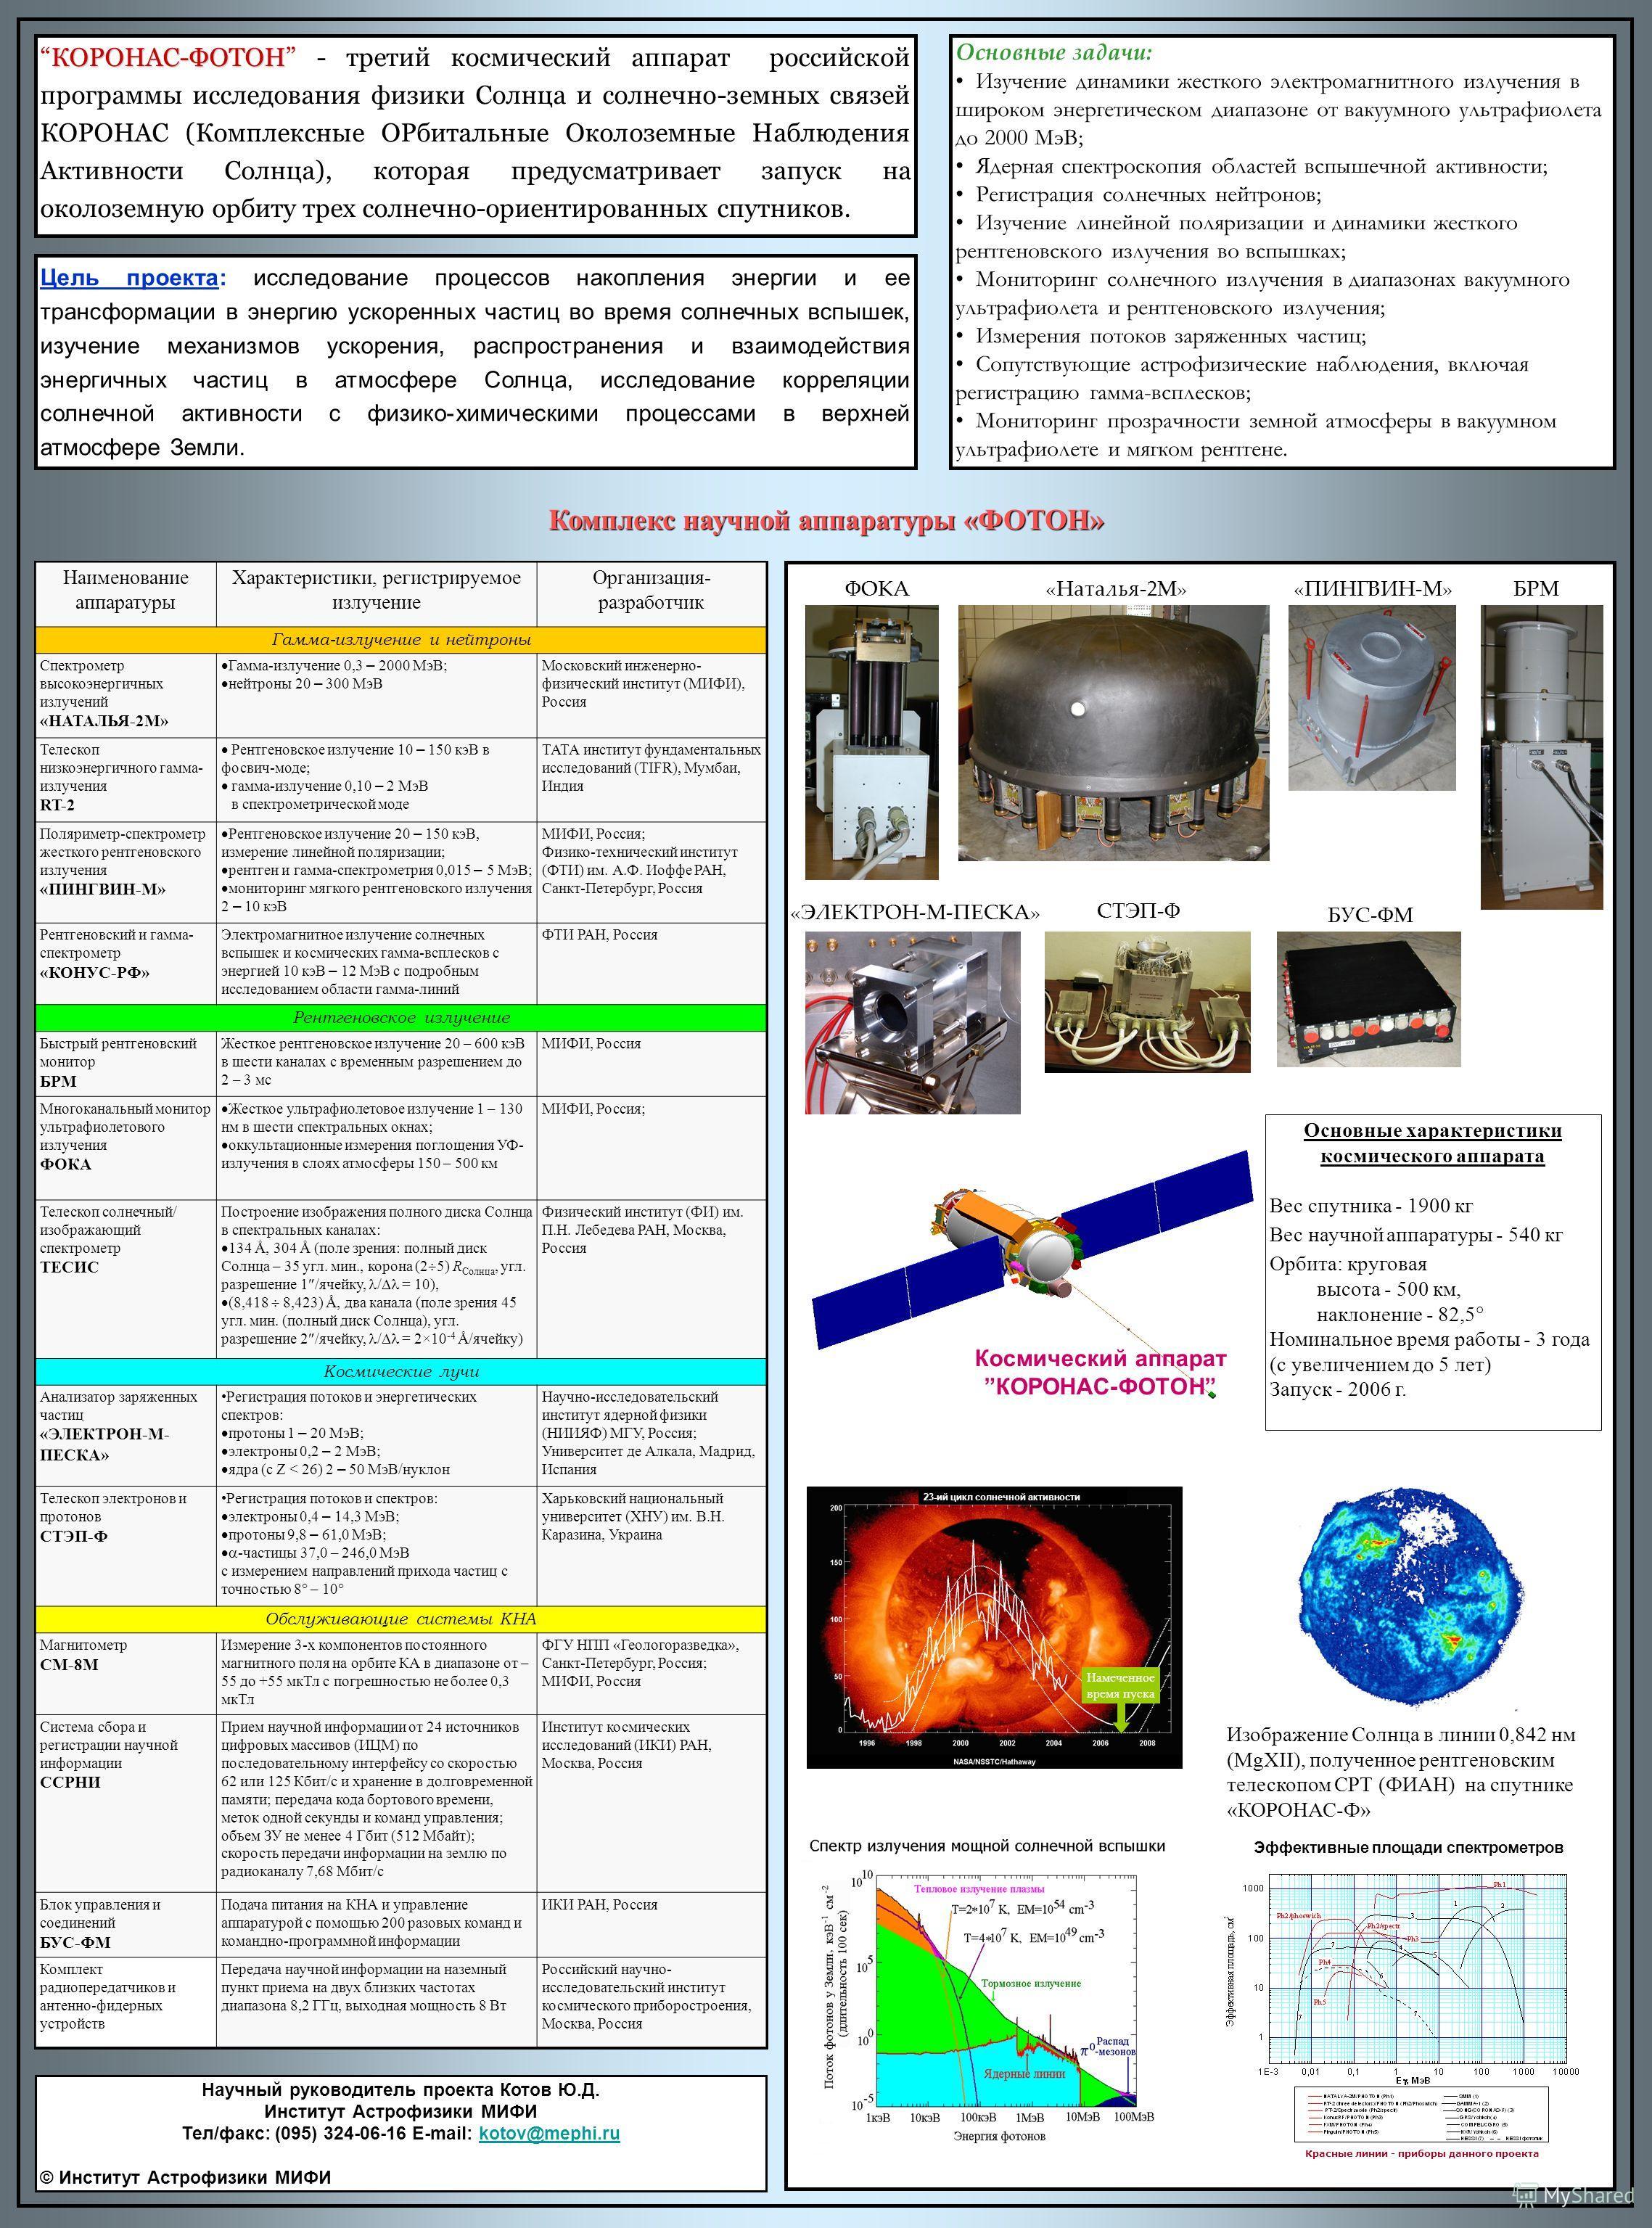 КОРОНАС-ФОТОНКОРОНАС-ФОТОН - третий космический аппарат российской программы исследования физики Солнца и солнечно-земных связей КОРОНАС (Комплексные ОРбитальные Околоземные Наблюдения Активности Солнца), которая предусматривает запуск на околоземную